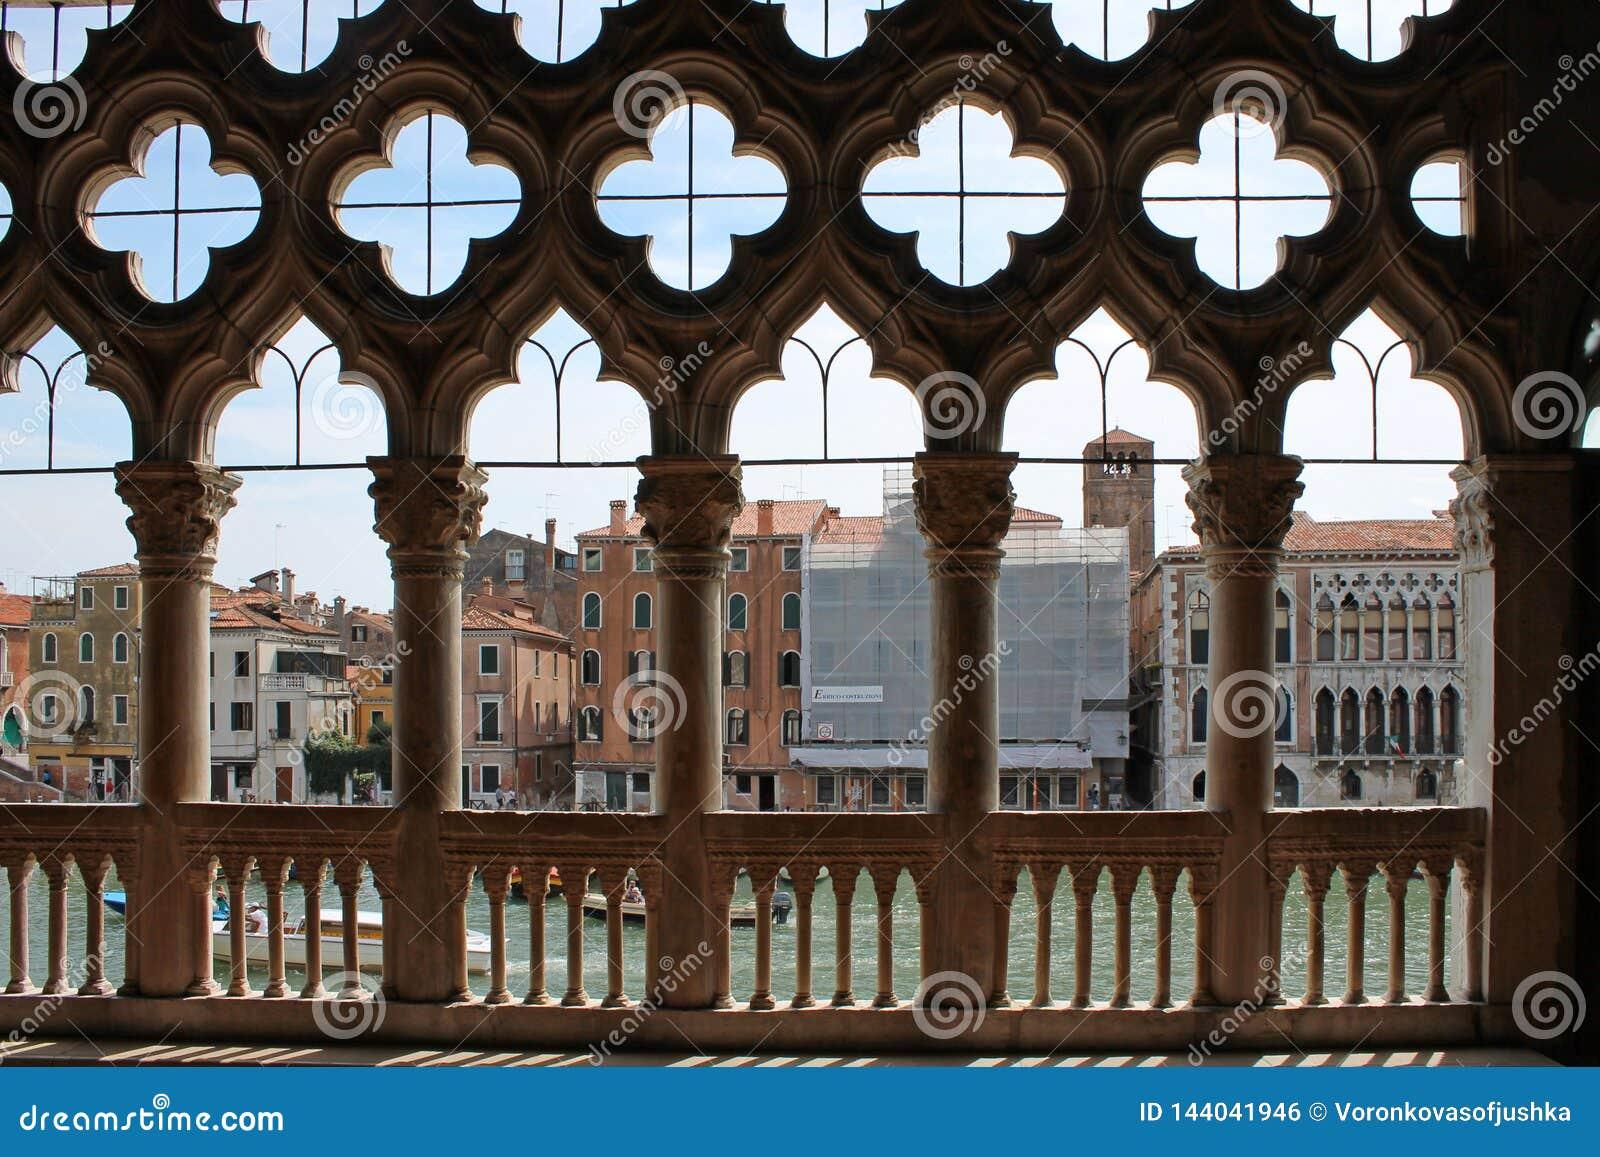 Vista do canal grande de Veneza atrav?s da estrutura de pedra branca cinzelada do pal?cio